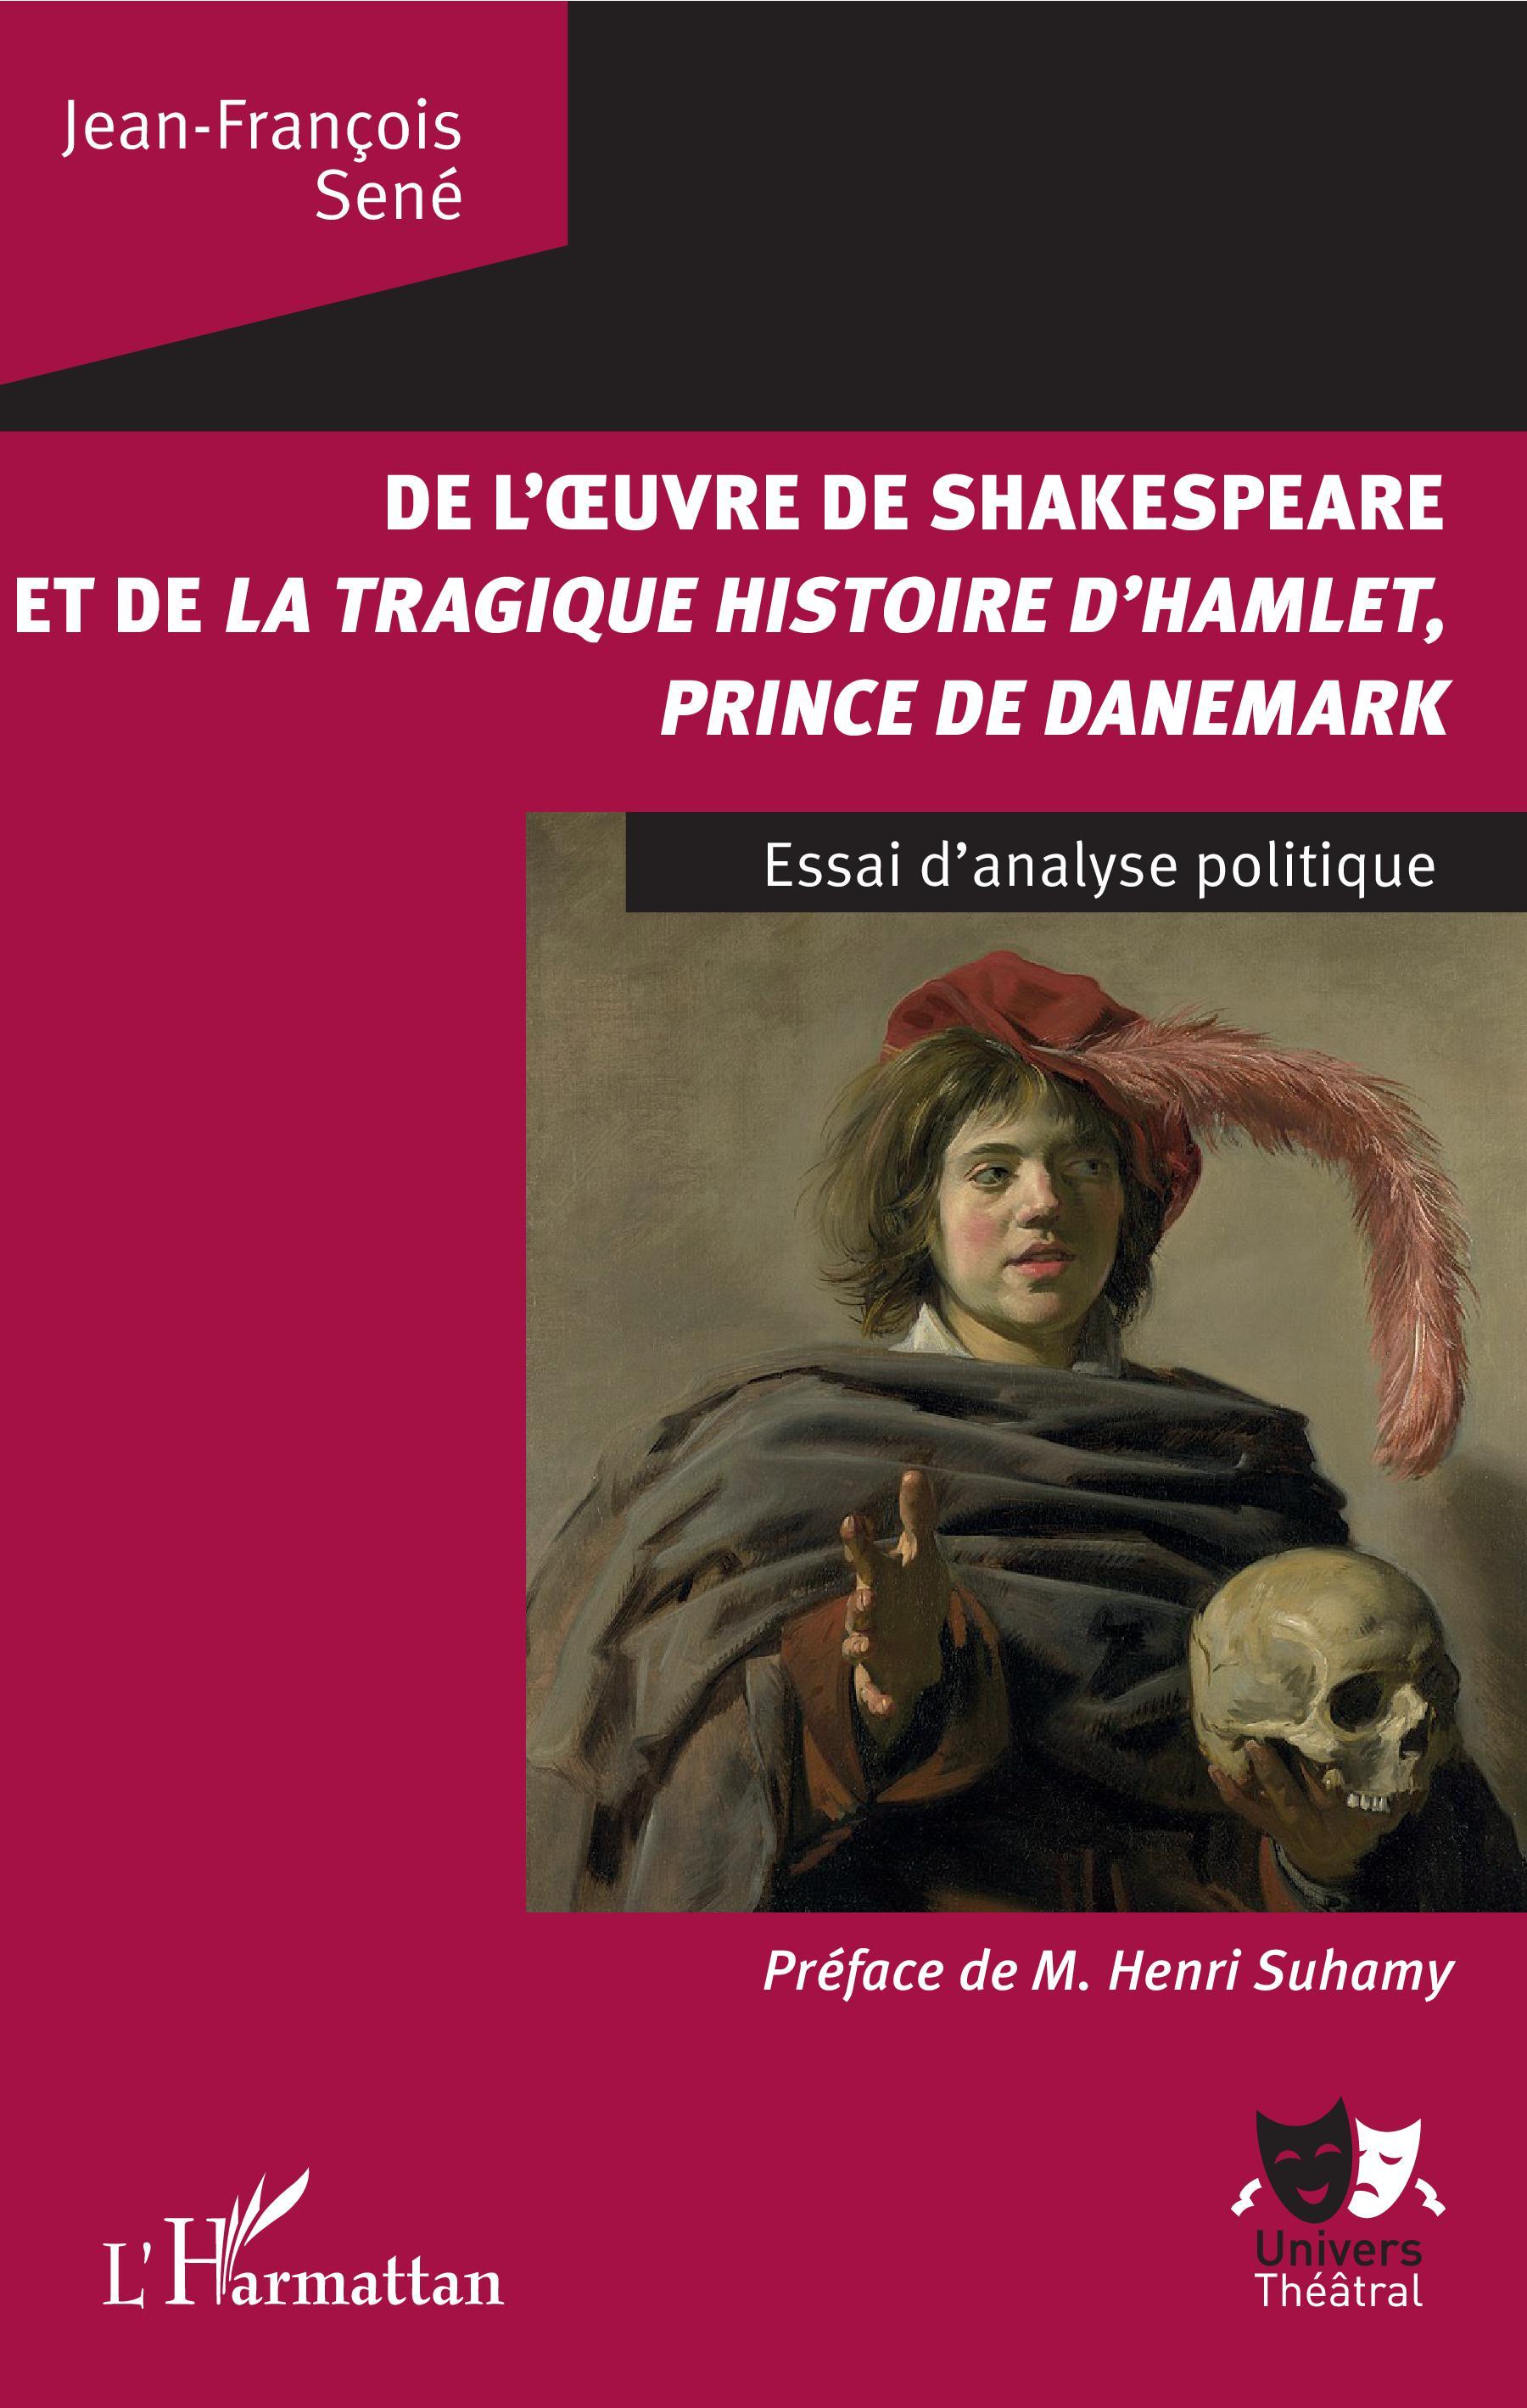 J.-F. Sené, De l'oeuvre de Shakespeare et de la tragique histoire d'Hamlet, prince du Danemark